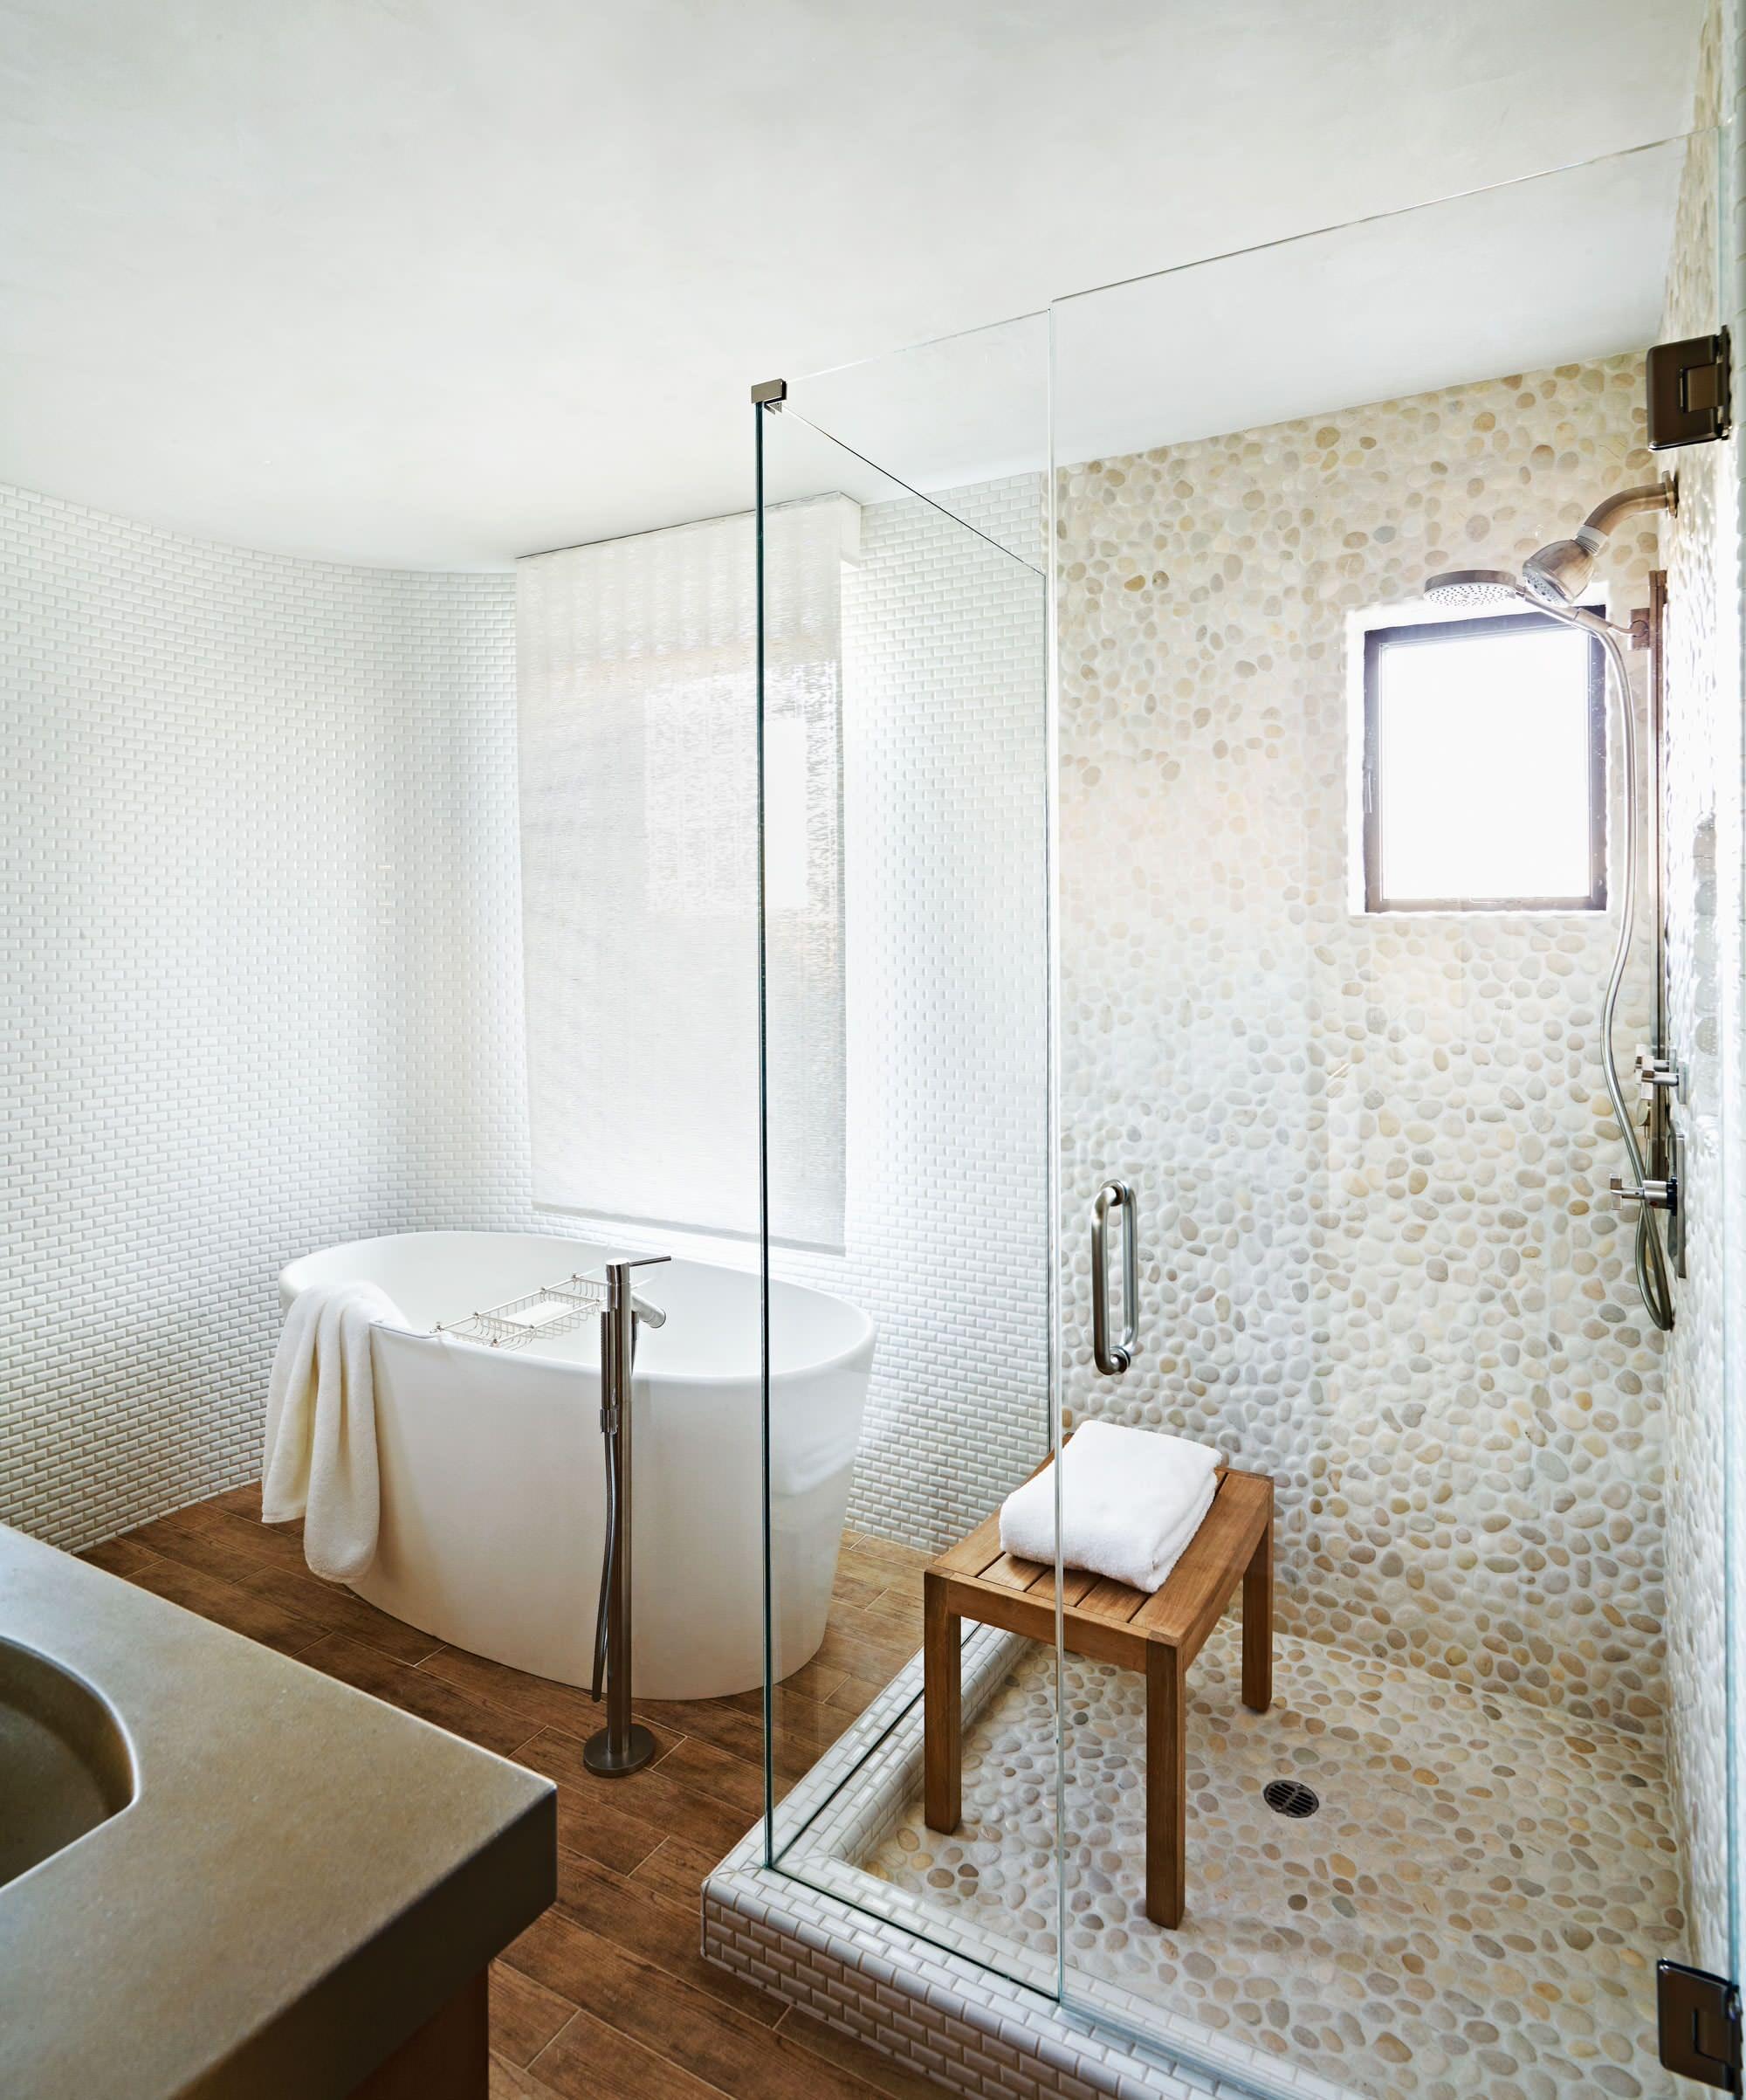 Pebble Tile Bathroom Pictures Ideas